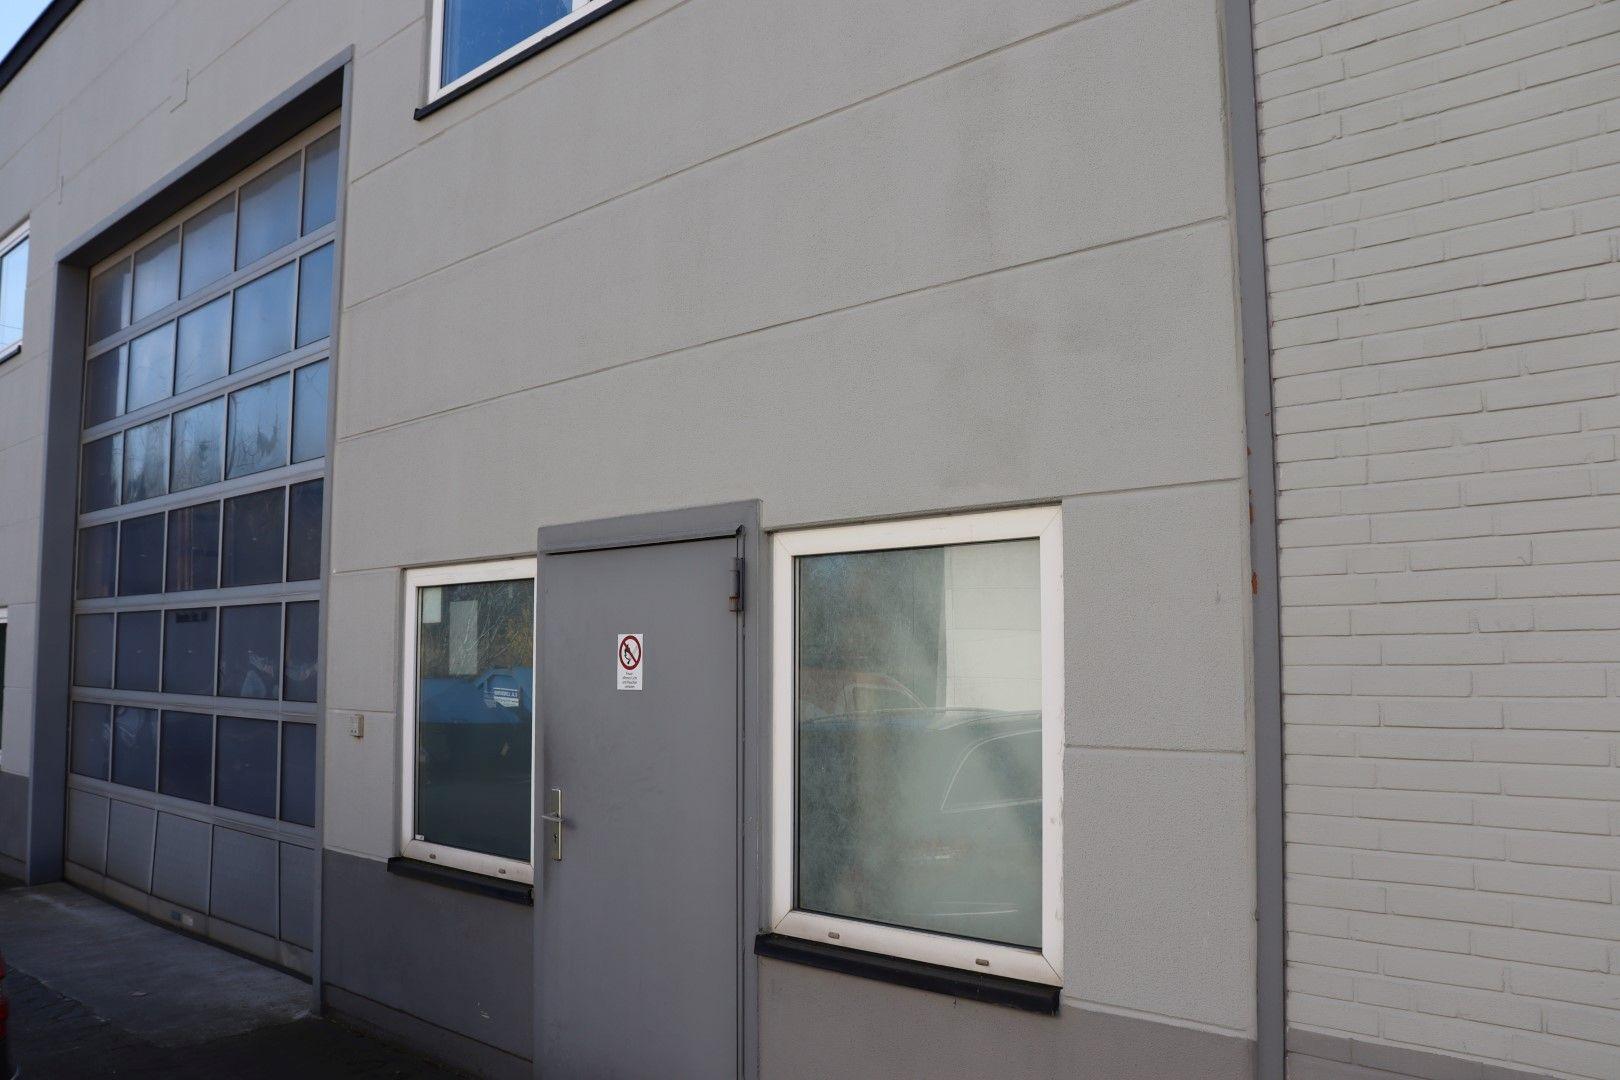 Immobilie Nr.0293 - Hallenfläche mit Büro- und Sozialräumen - Bild 2.jpg